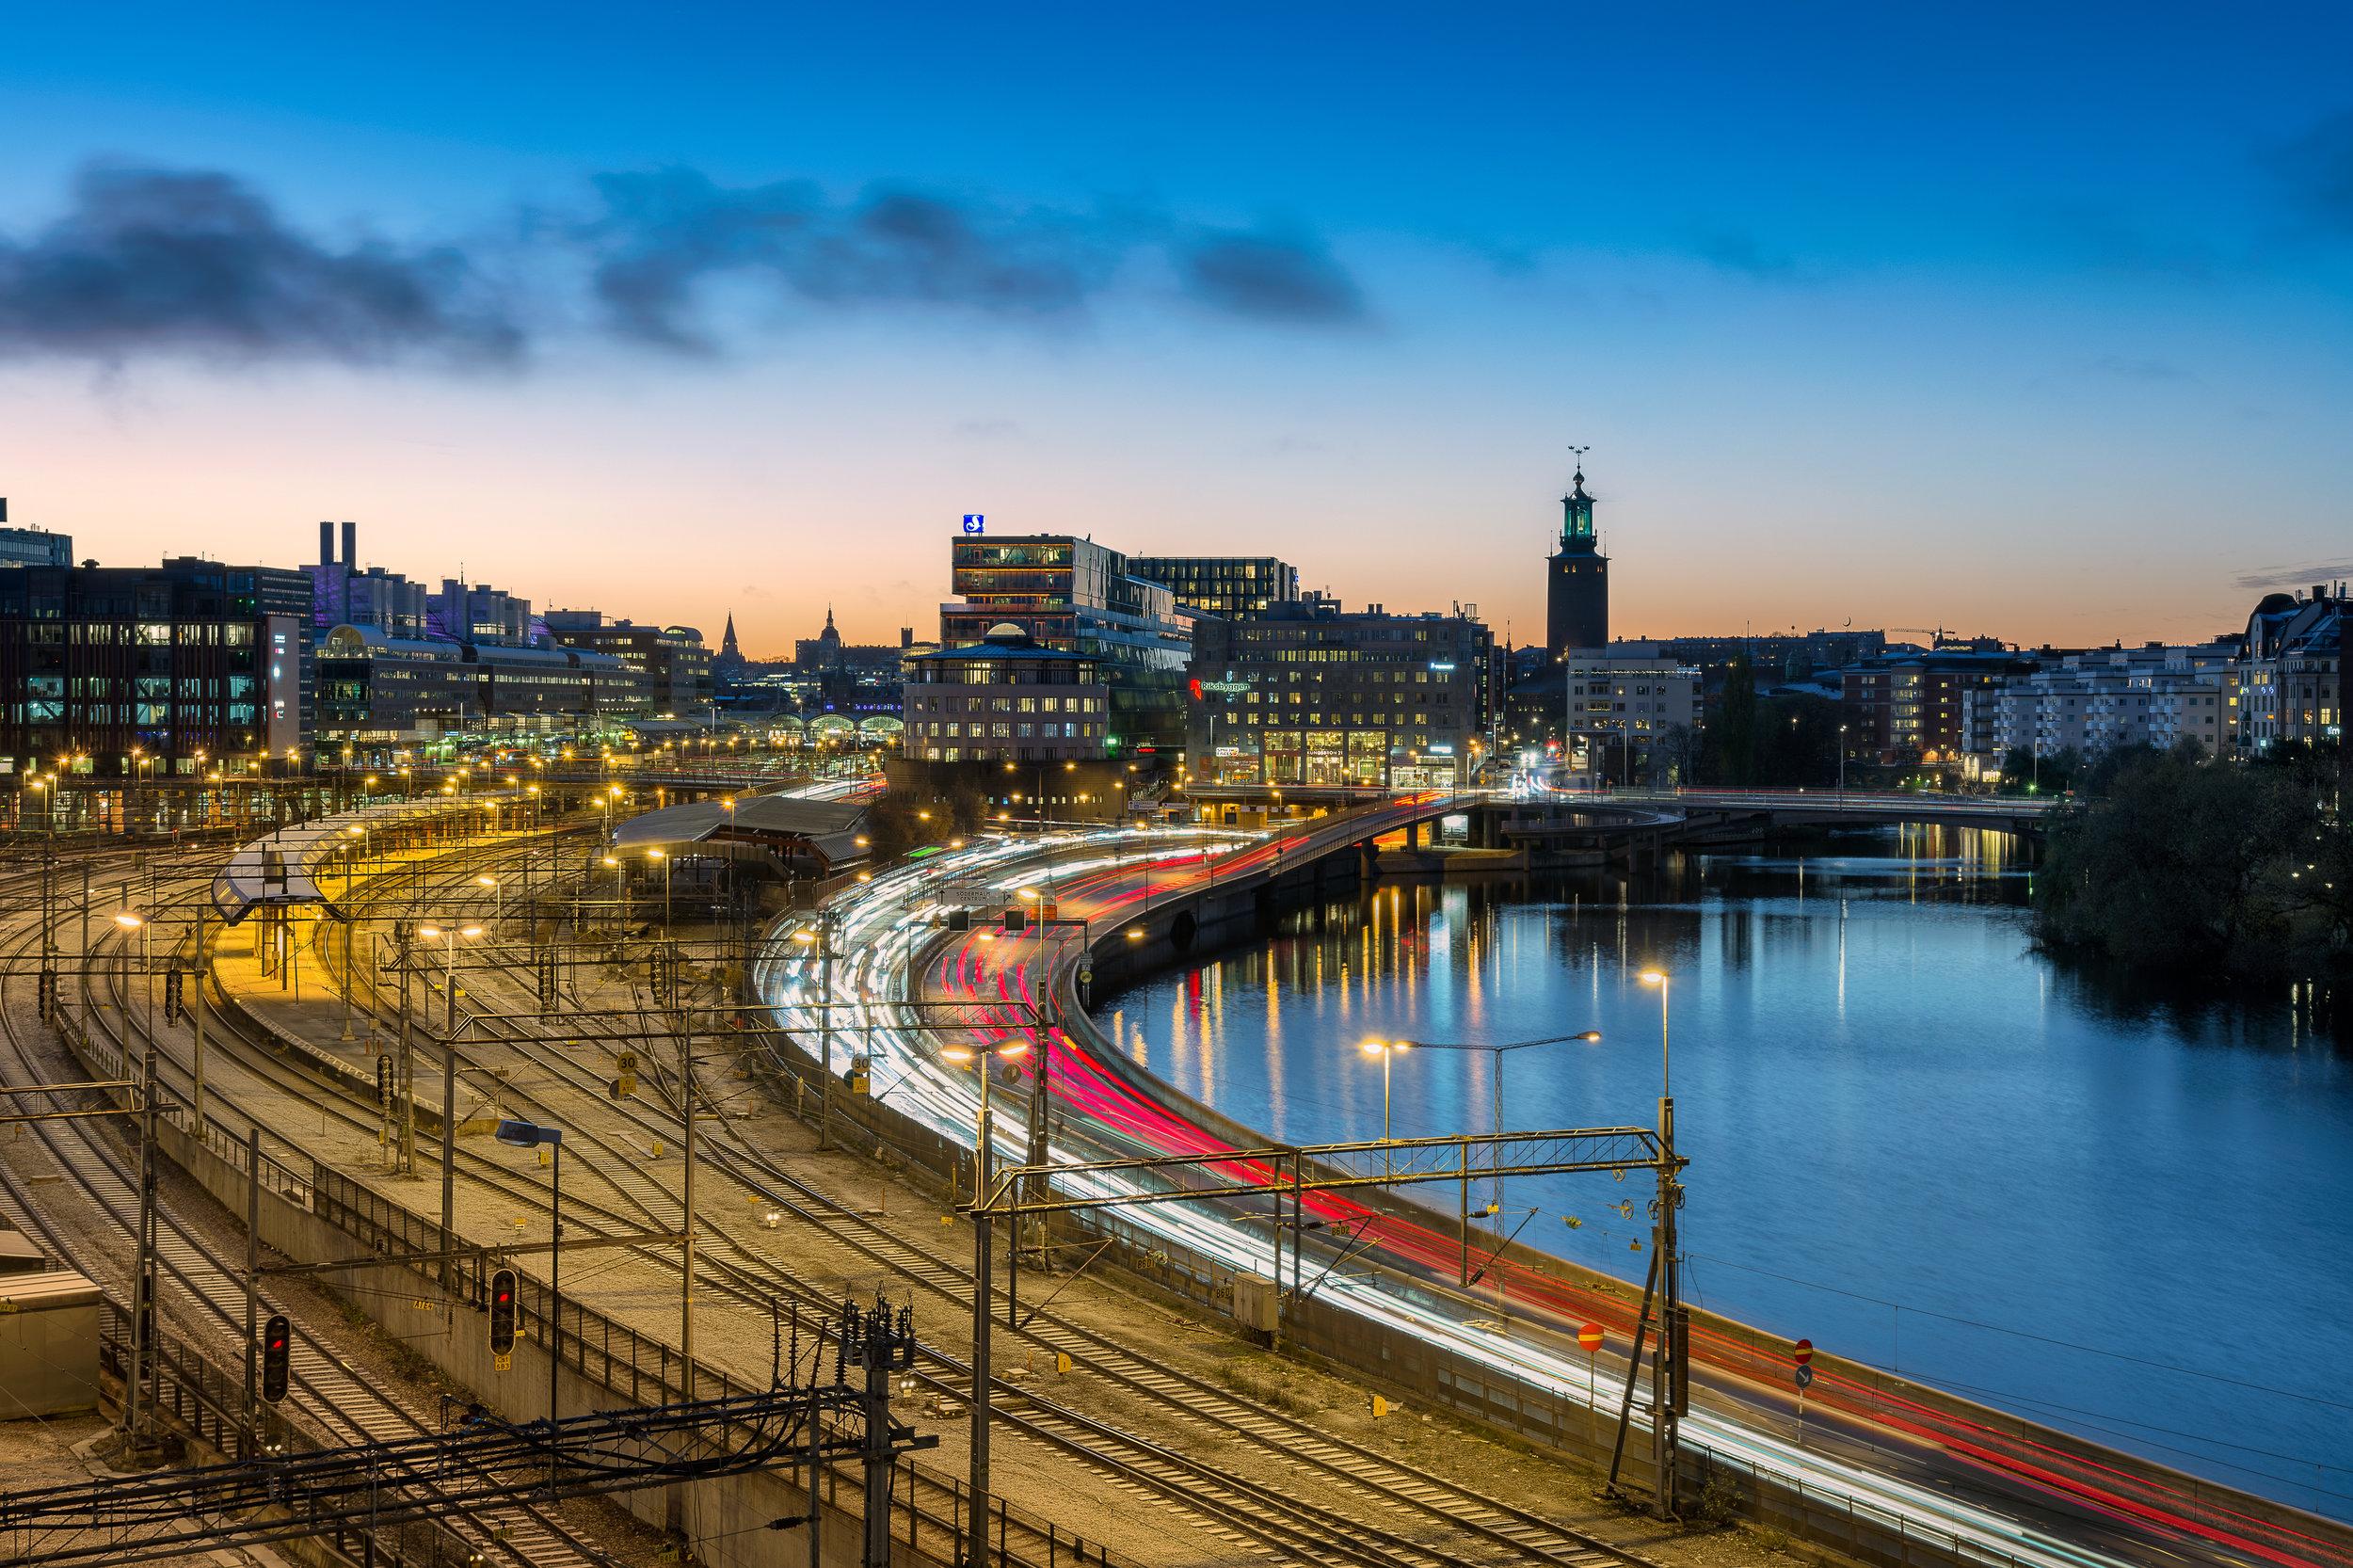 Stockholm city waking up